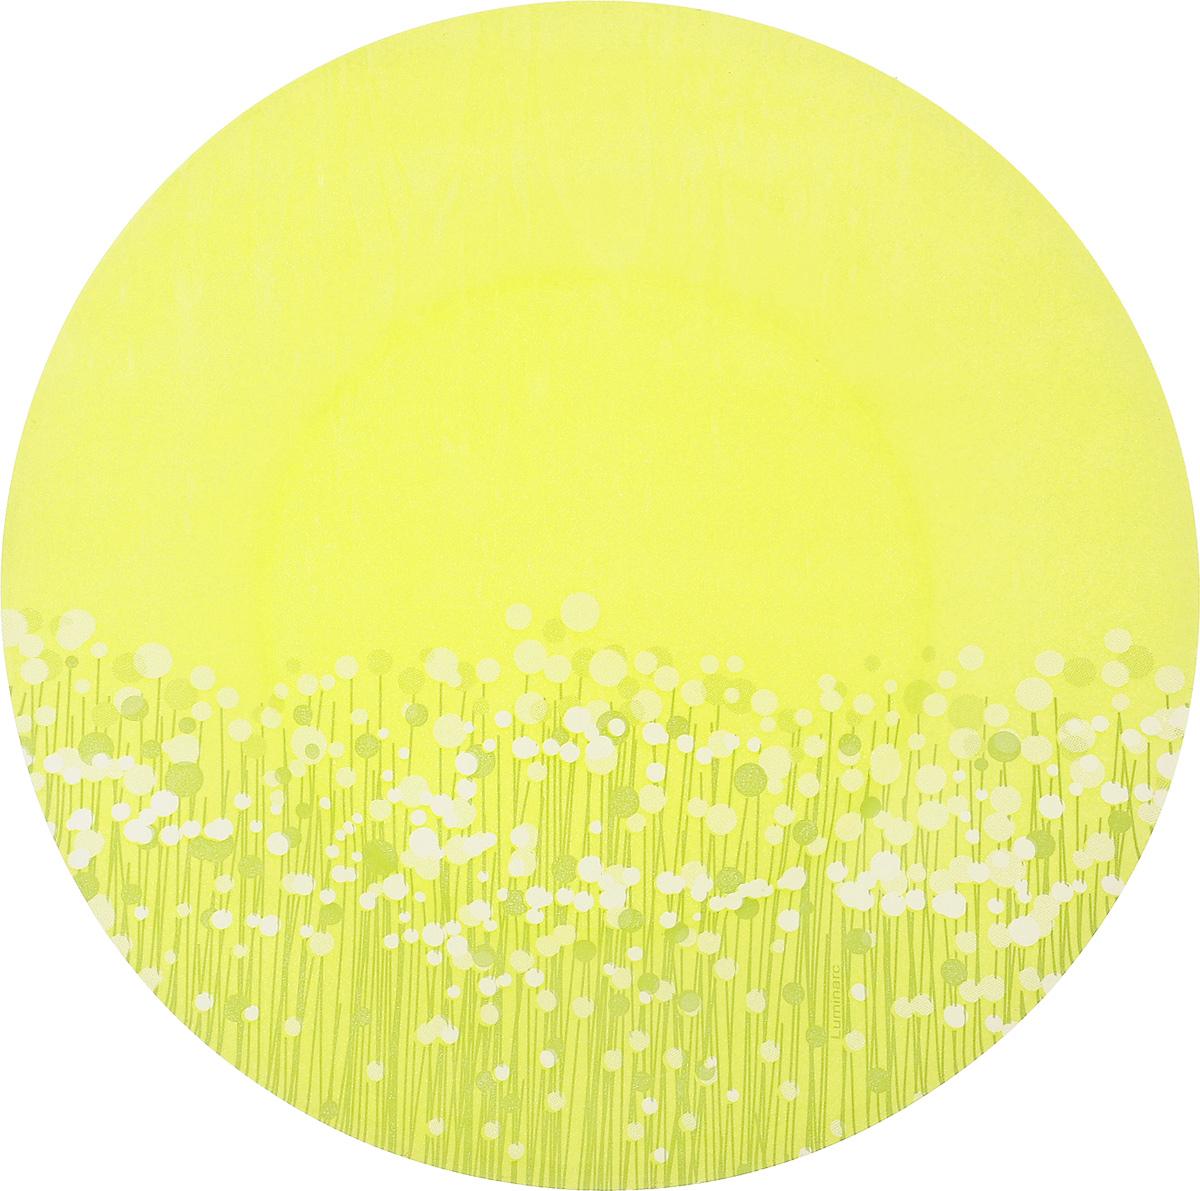 Тарелка десертная Luminarc FlowerFields Anis, диаметр 20 смH2492Десертная тарелка Luminarc FlowerFields Anis, изготовленная из ударопрочного стекла, декорирована ярким рисунком. Такая тарелка прекрасно подходит как для торжественных случаев, так и для повседневного использования. Идеальна для подачи десертов, пирожных, тортов и многого другого. Она прекрасно оформит стол и станет отличным дополнением к вашей коллекции кухонной посуды. Диаметр тарелки (по верхнему краю): 20 см.